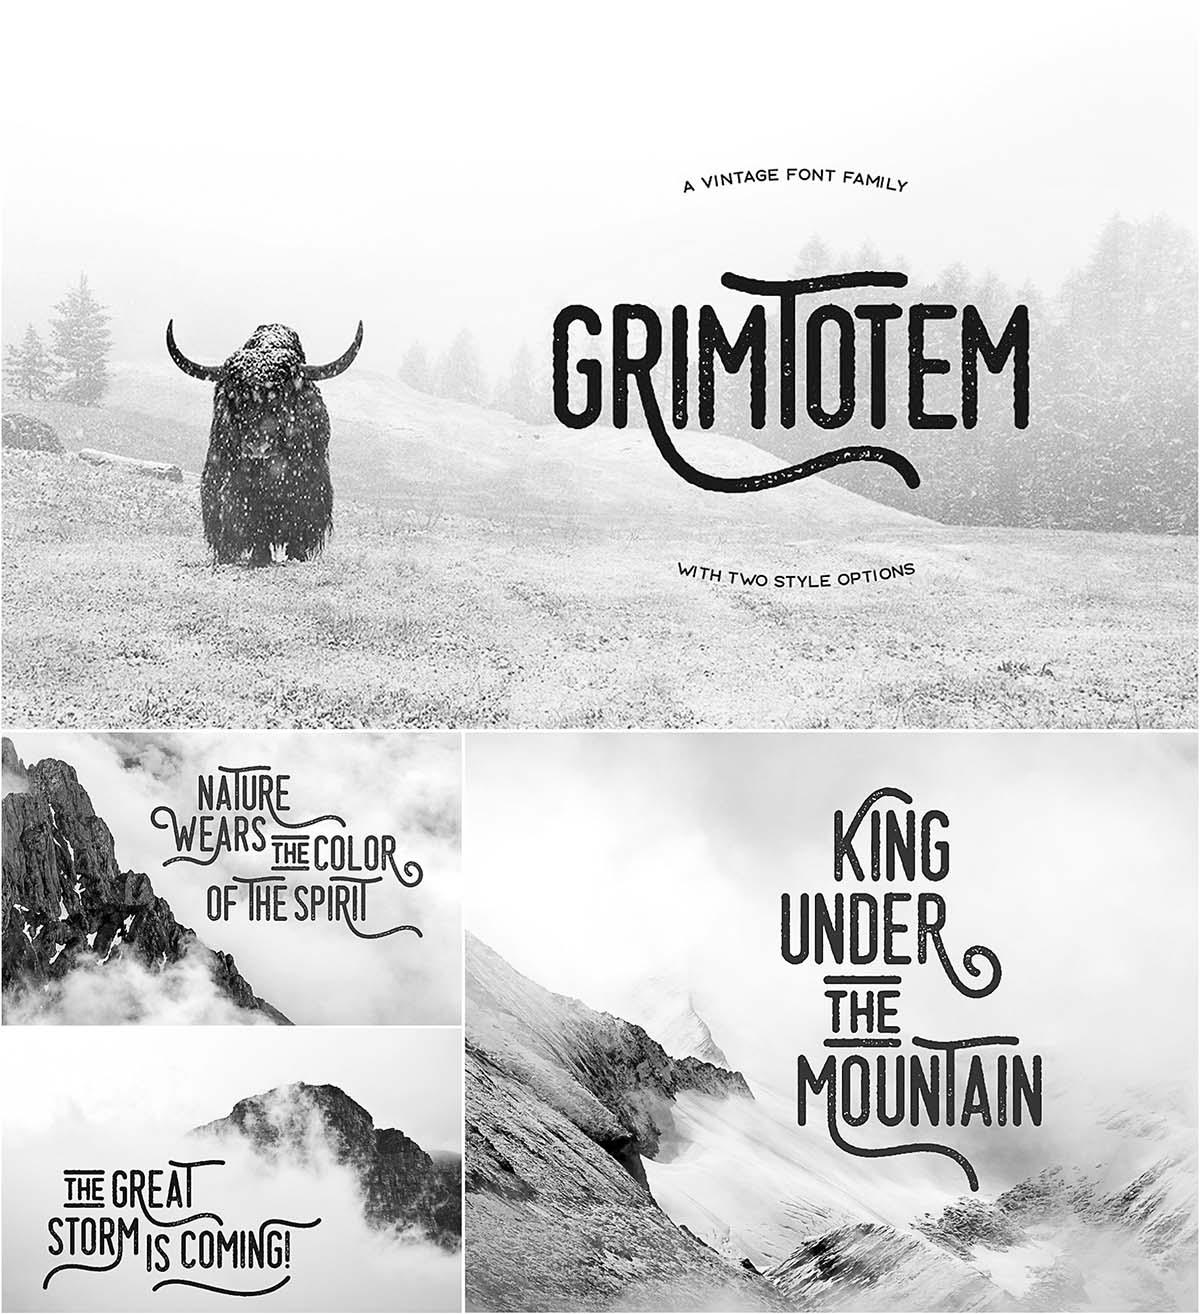 Grimtotem font